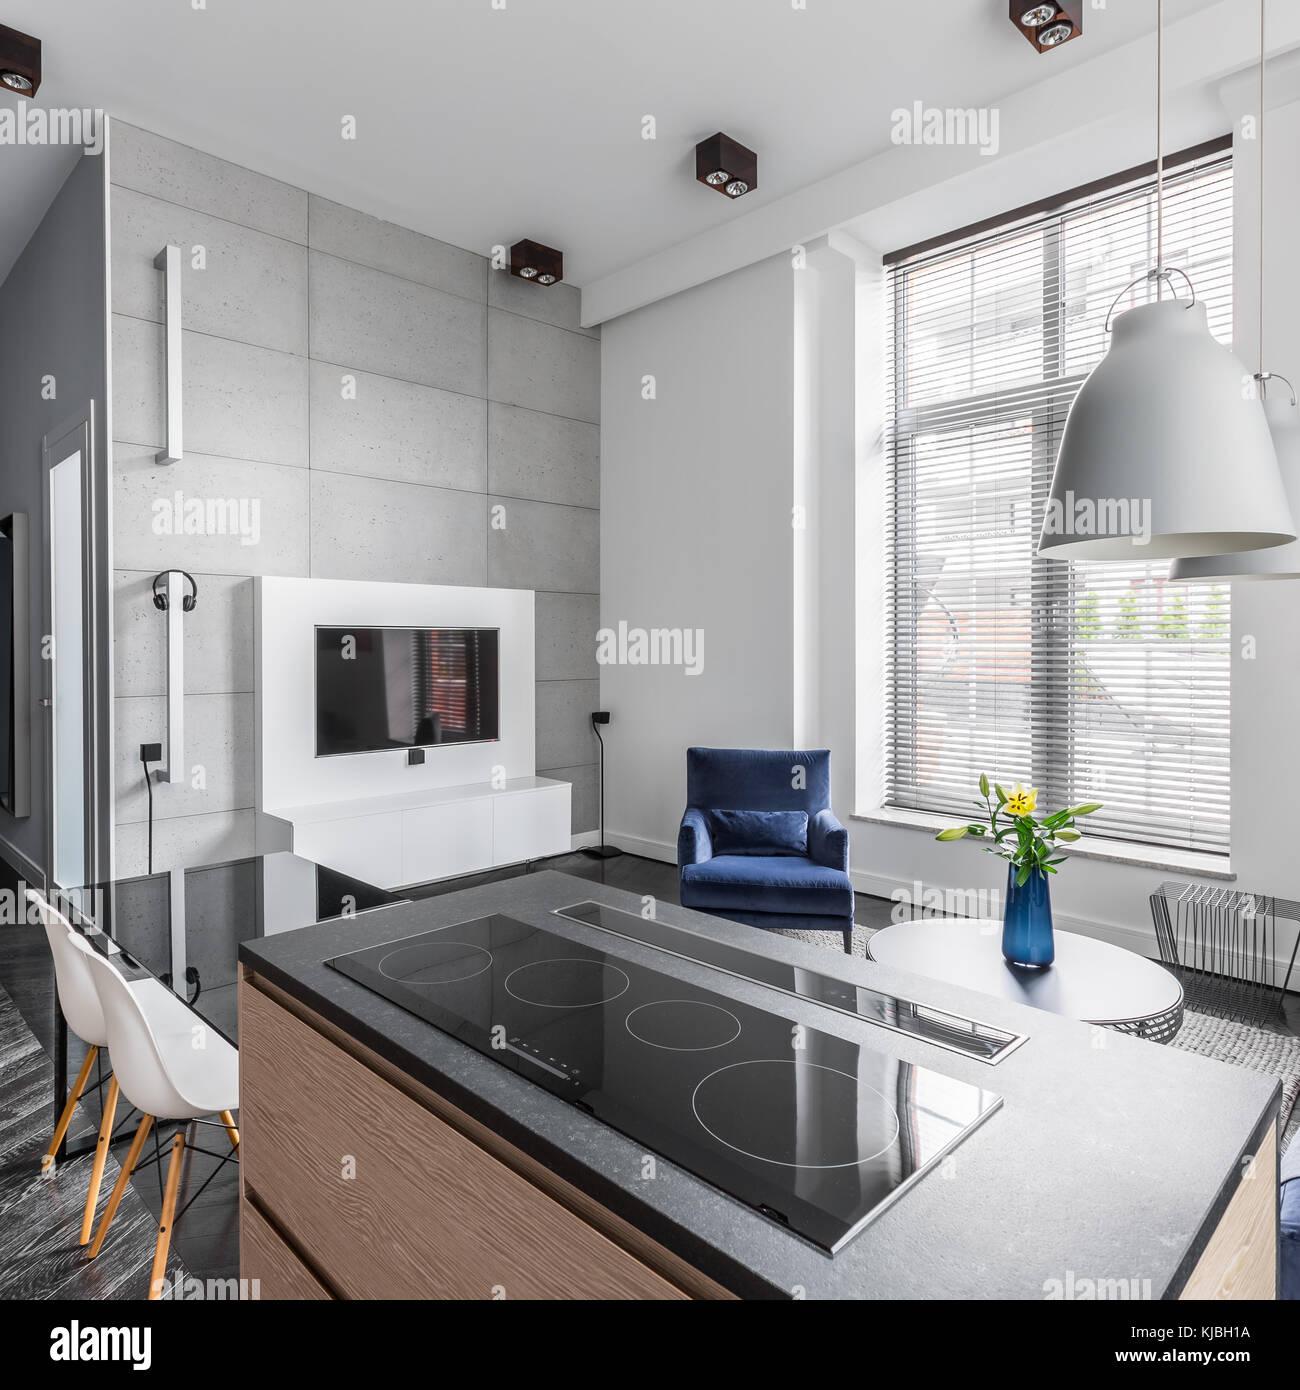 Piso con azulejos de la pared de hormig n en el sal n for Azulejo de la pared de la cocina verde